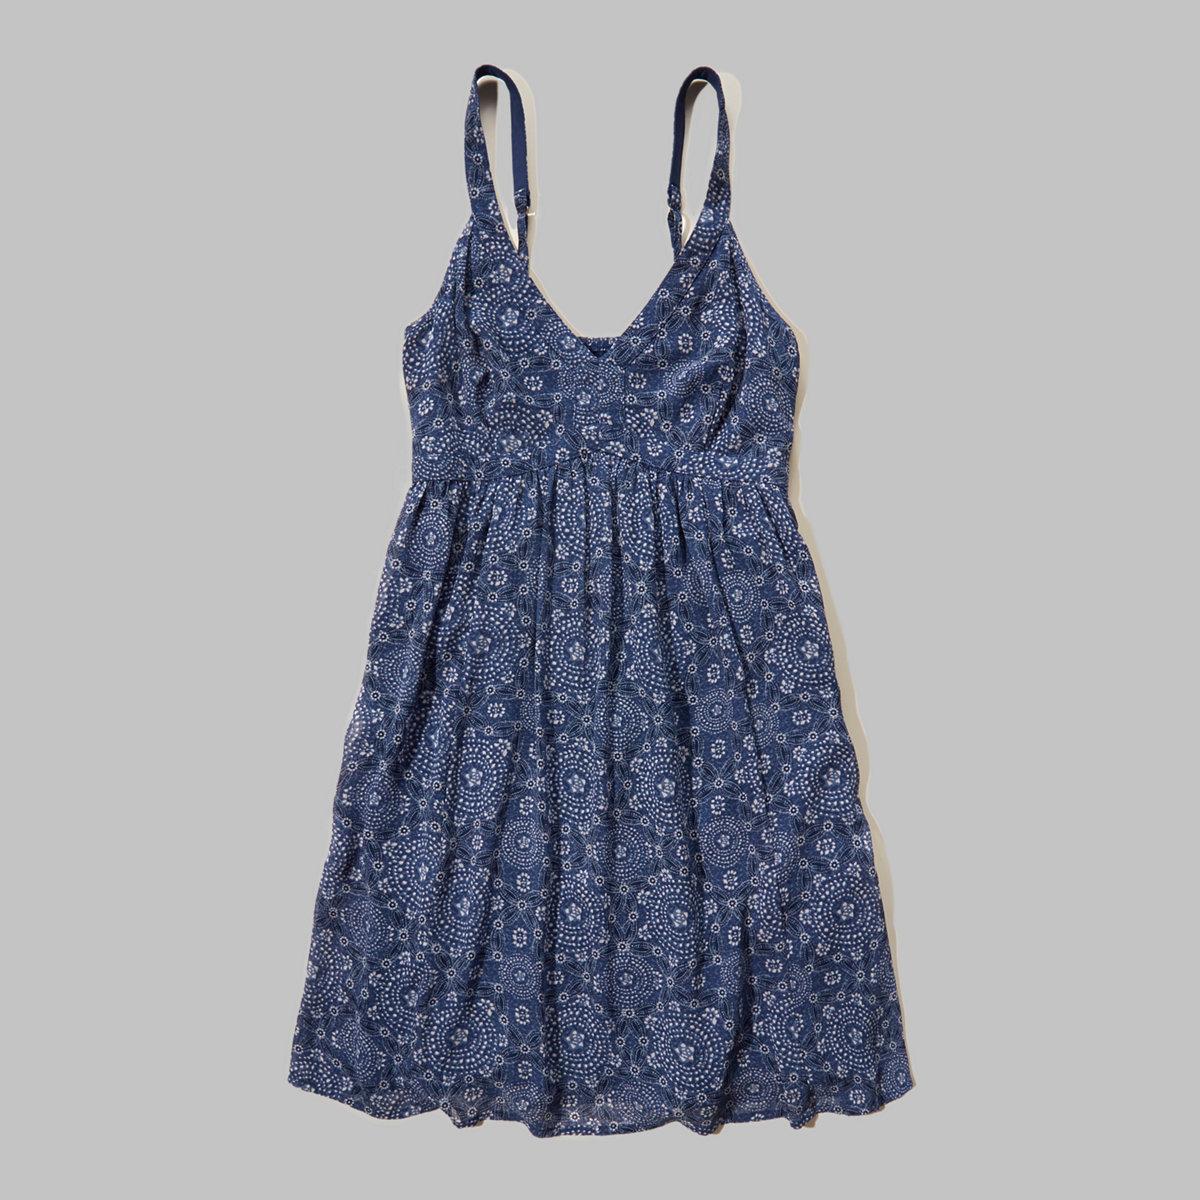 Smocked-Back Chiffon Dress